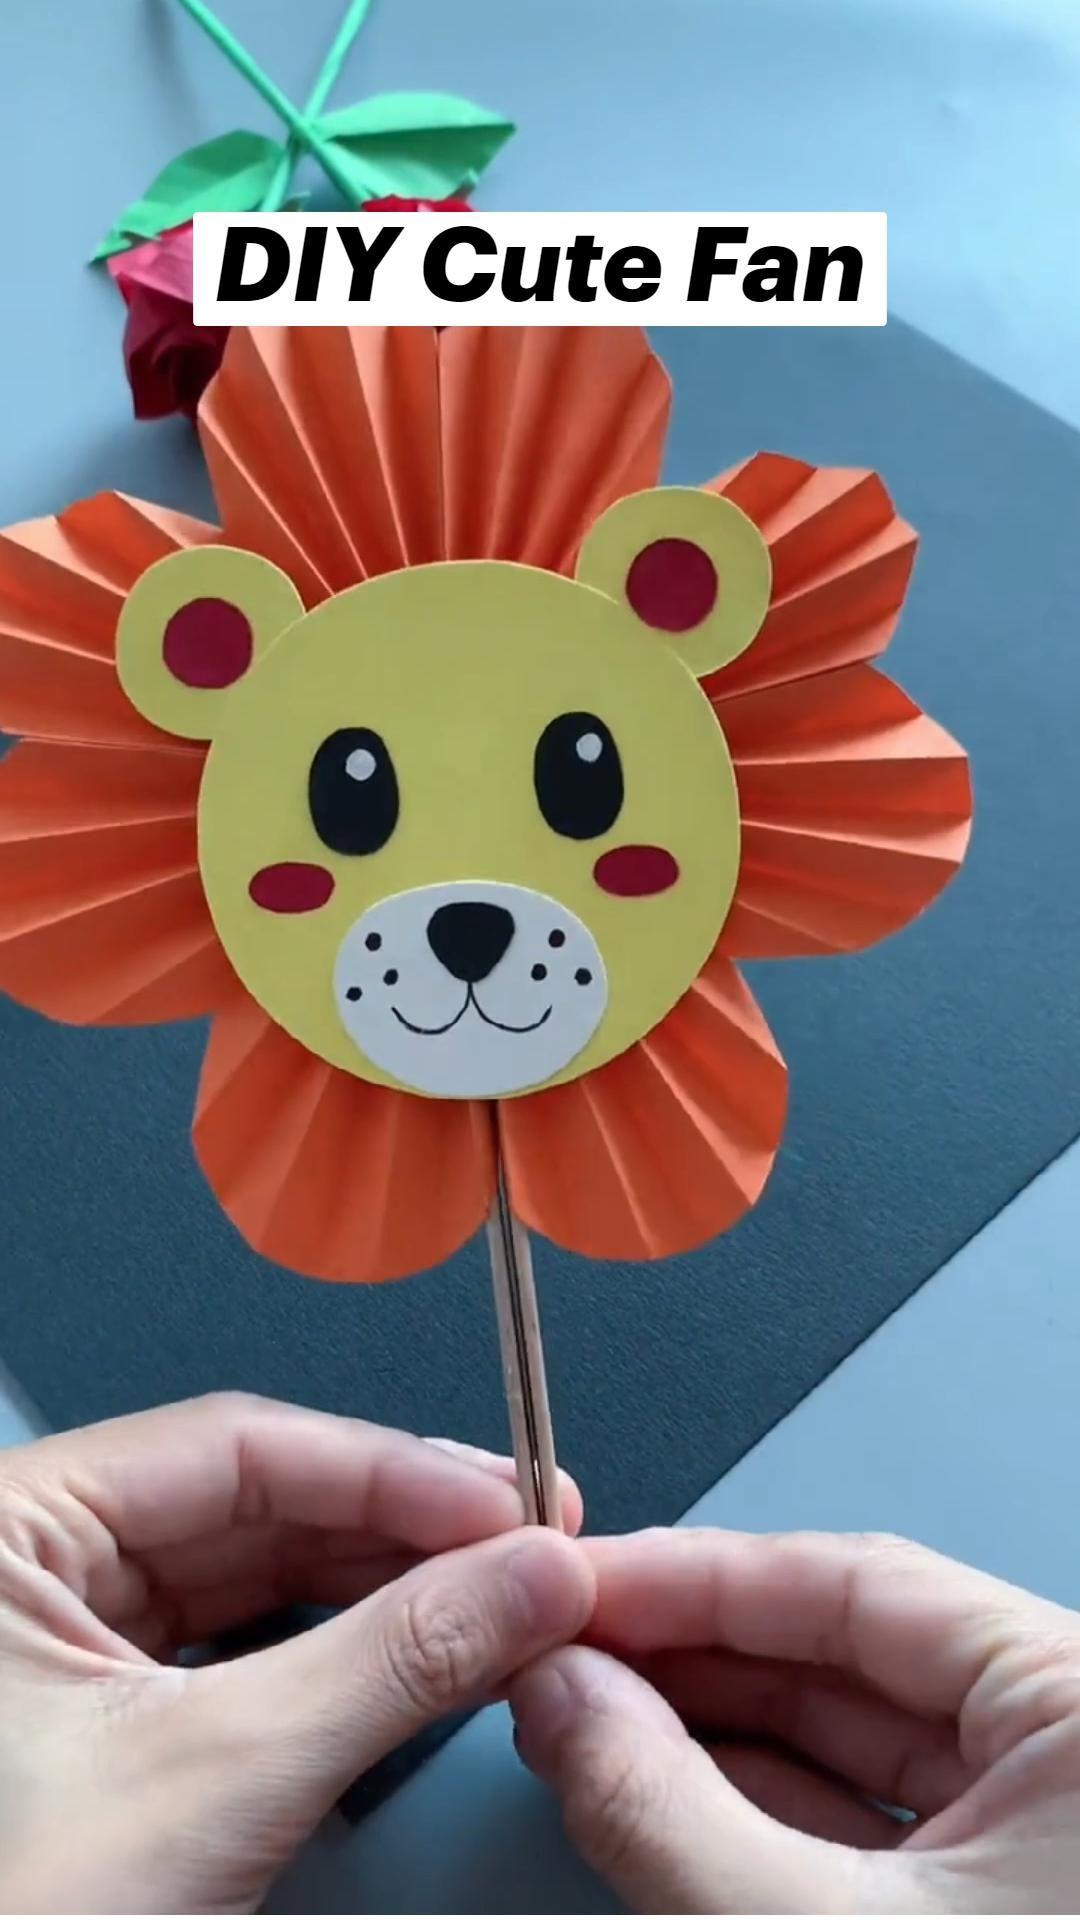 DIY Cute Fan